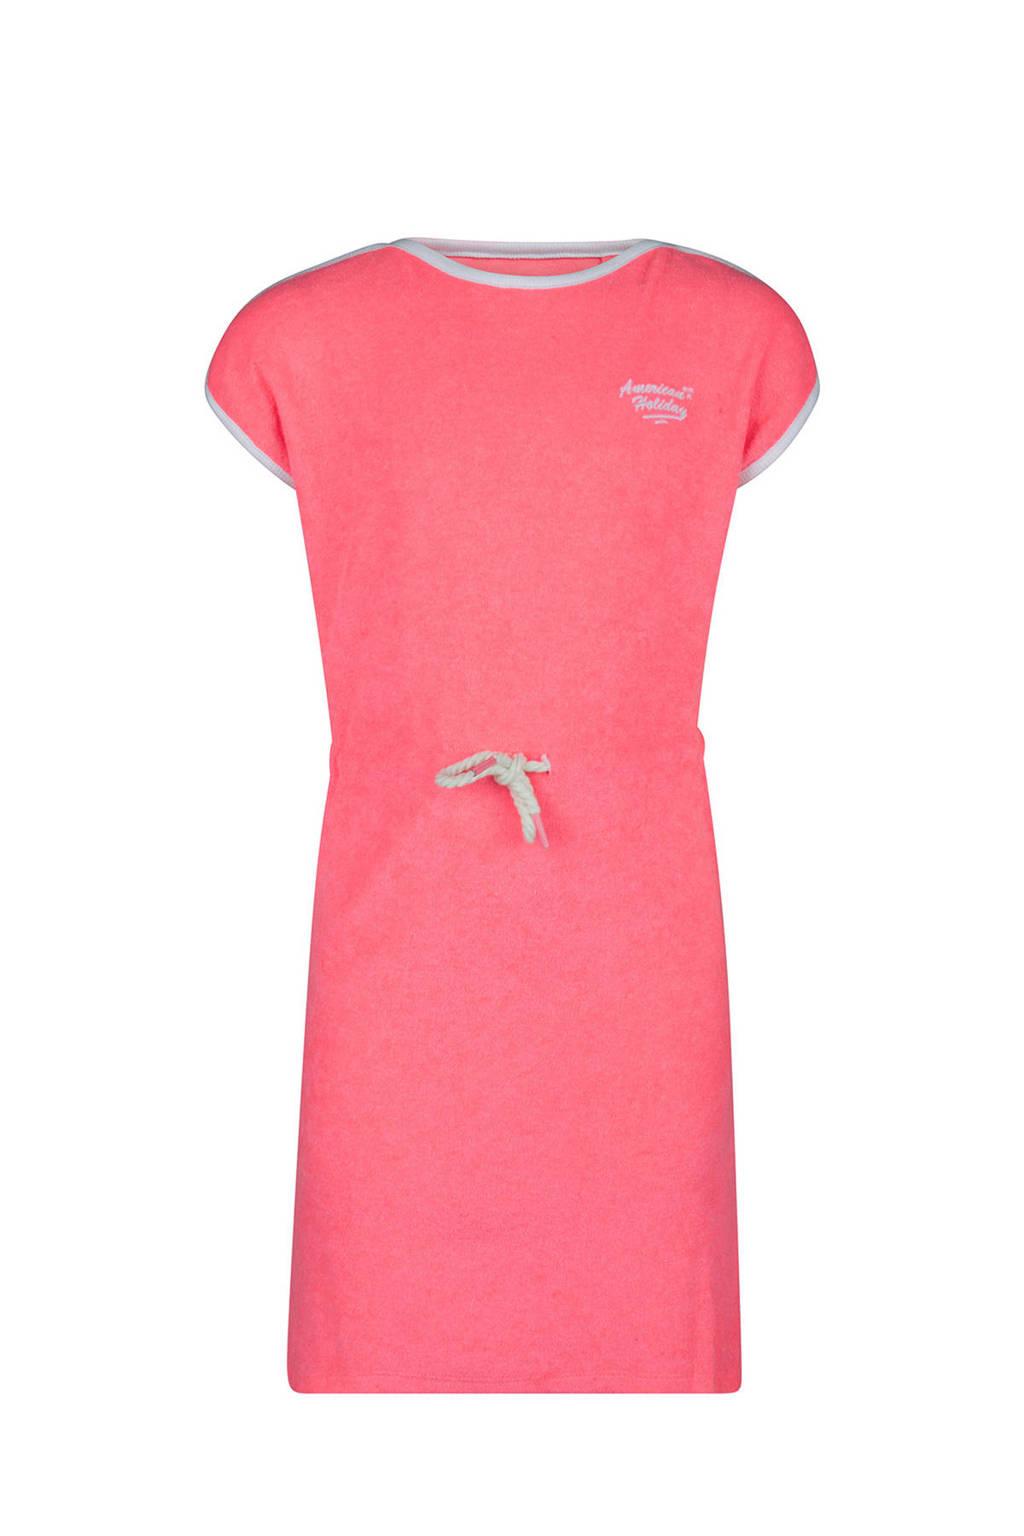 WE Fashion badstof jurk roze, Roze